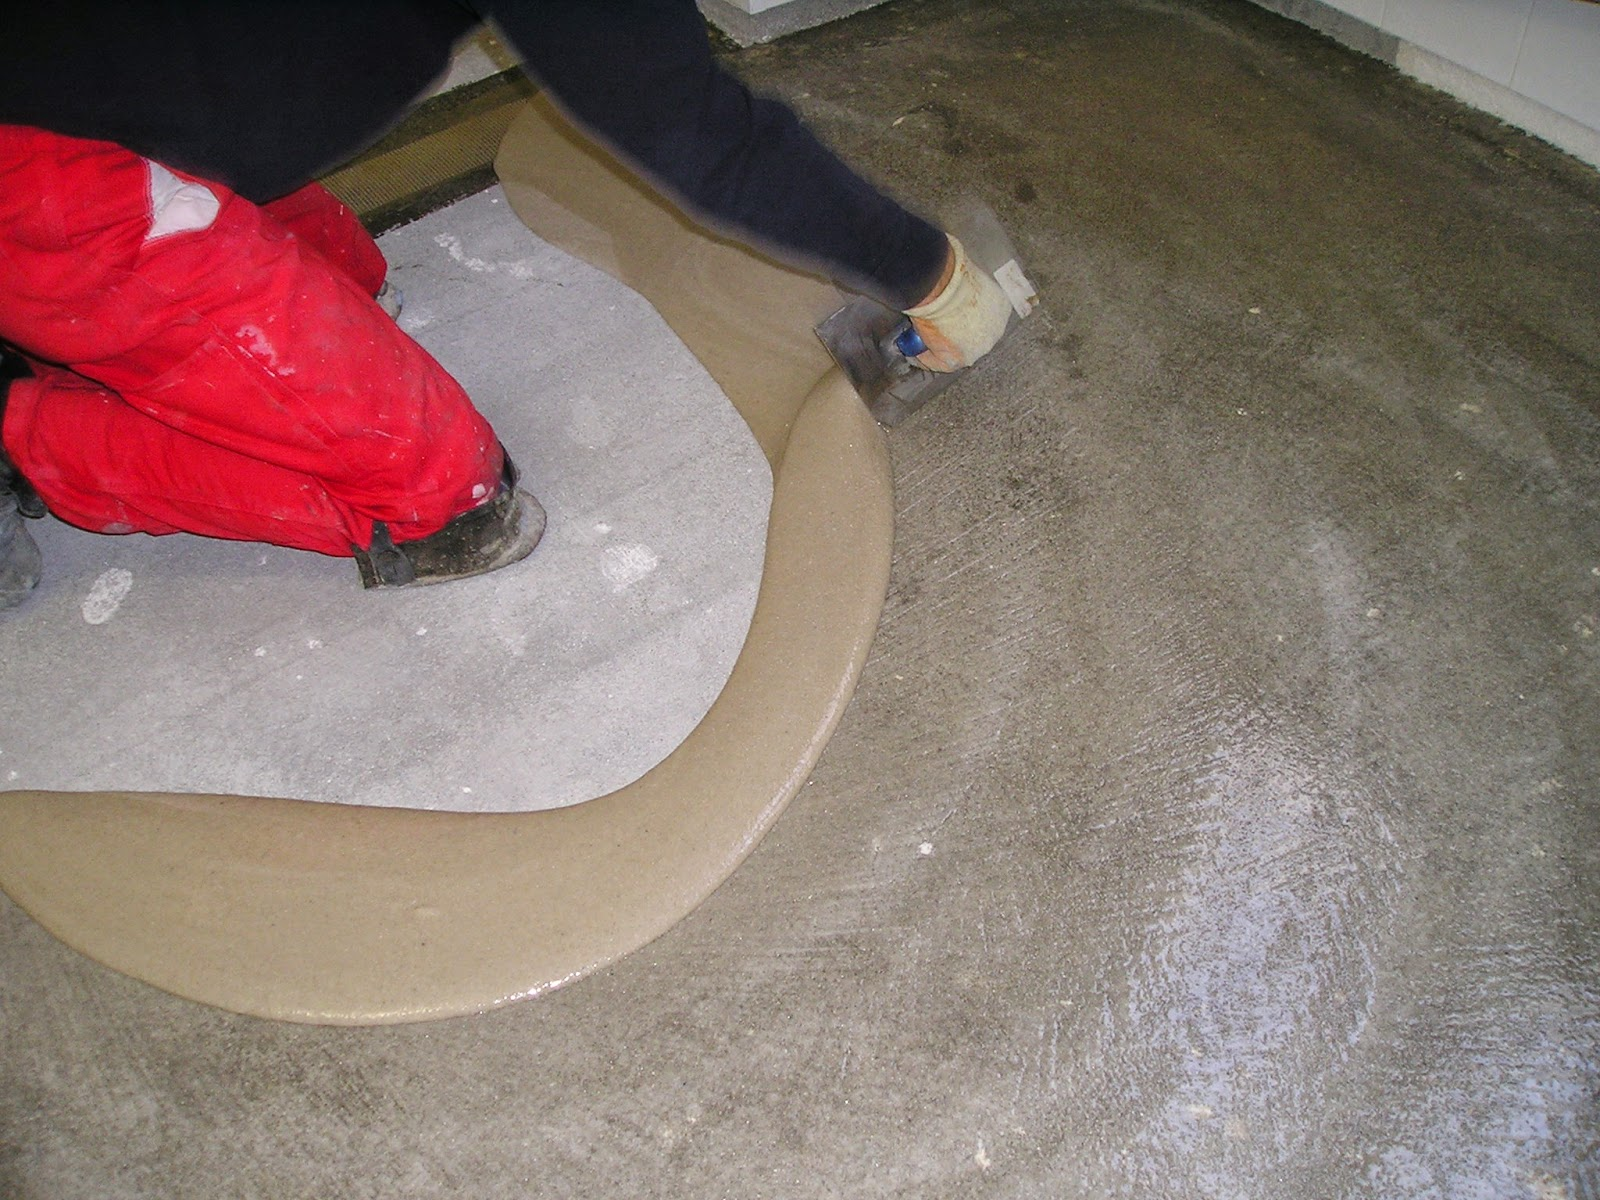 Pavimentos de resinas epoxi hormig n impreso y pulido en for Hormigon para pavimentos